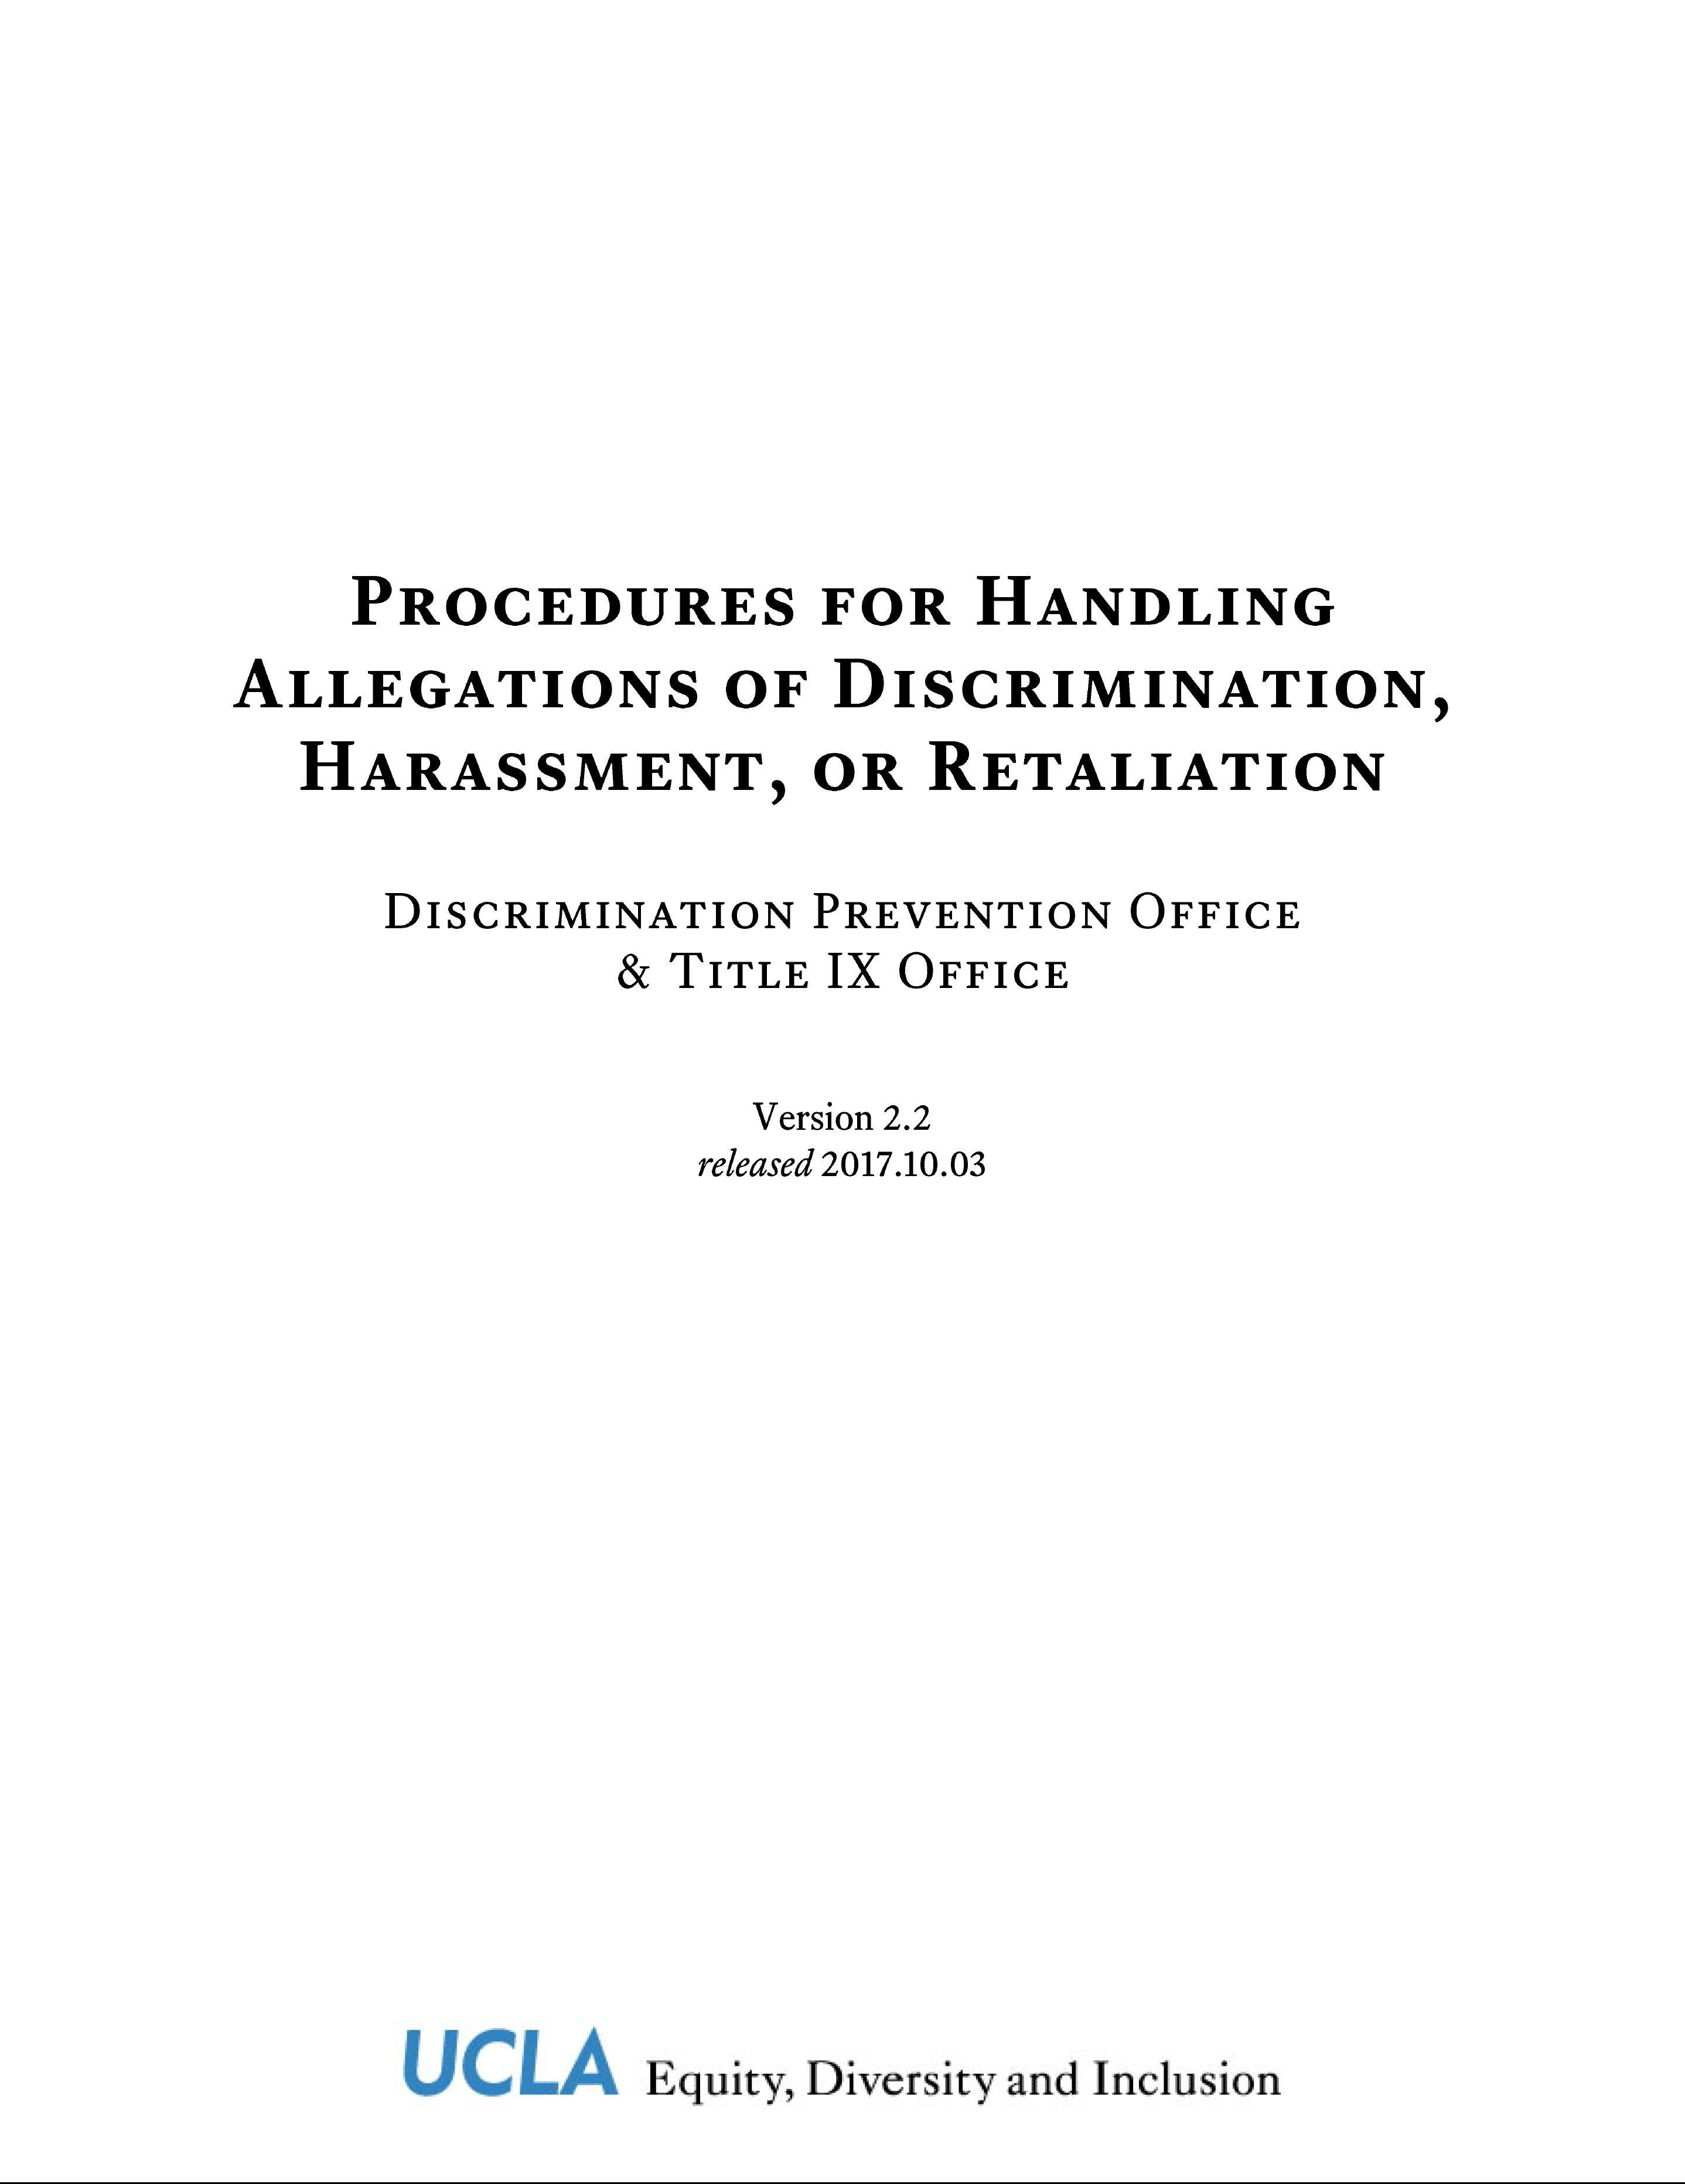 Procedures for Handling Allegations of Discrimination, Harassment, or Retaliation